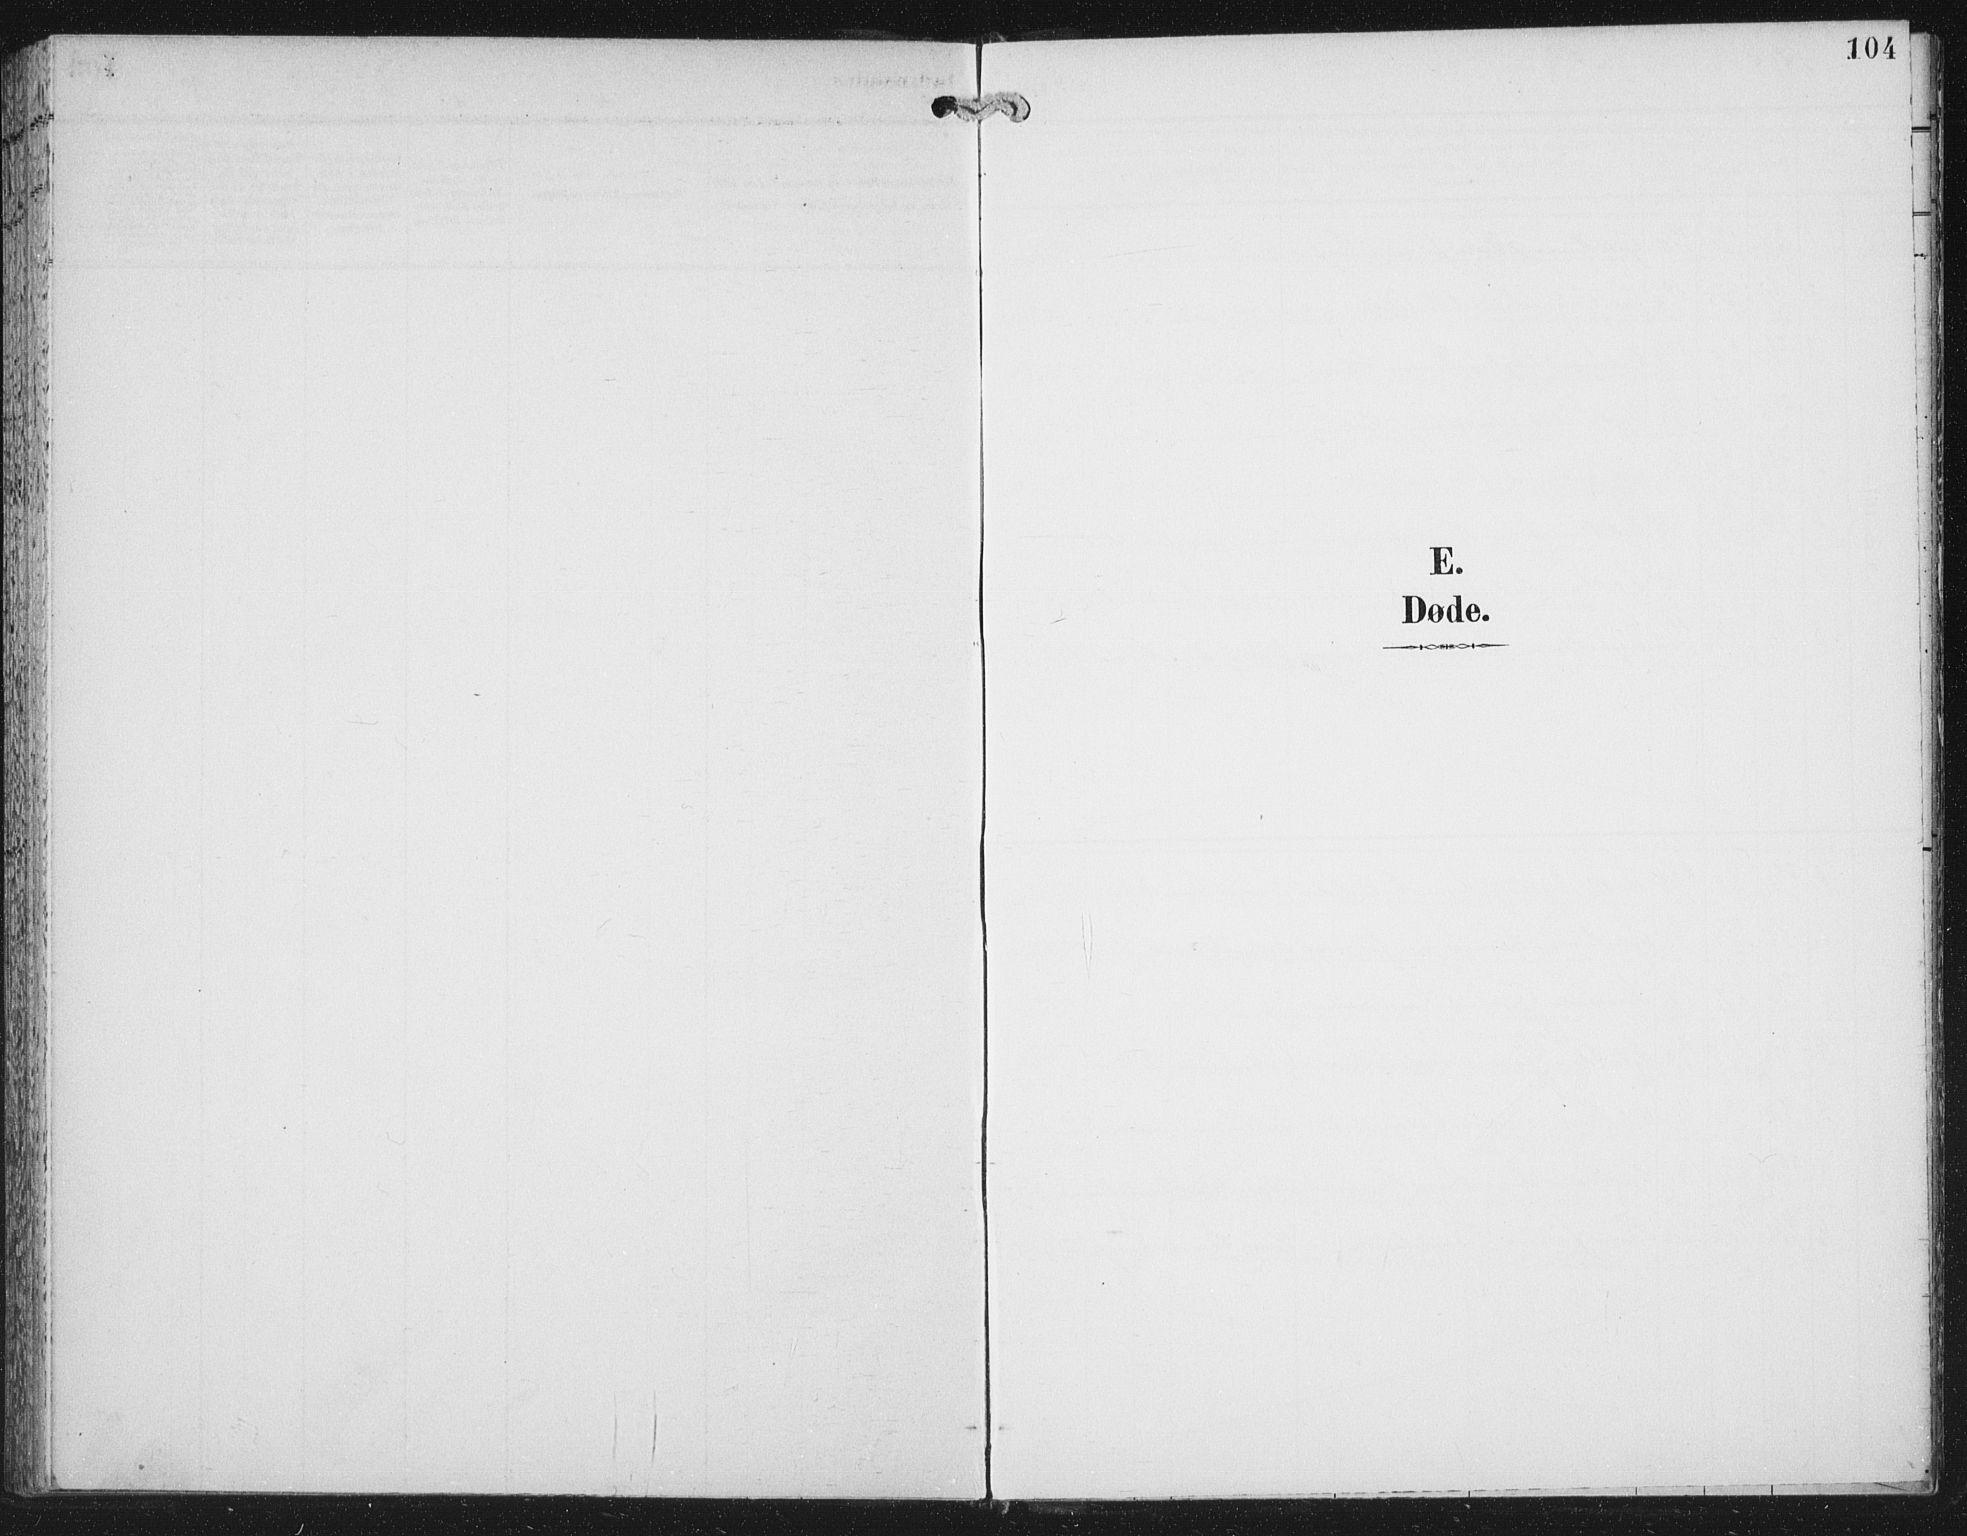 SAT, Ministerialprotokoller, klokkerbøker og fødselsregistre - Nord-Trøndelag, 702/L0024: Ministerialbok nr. 702A02, 1898-1914, s. 104